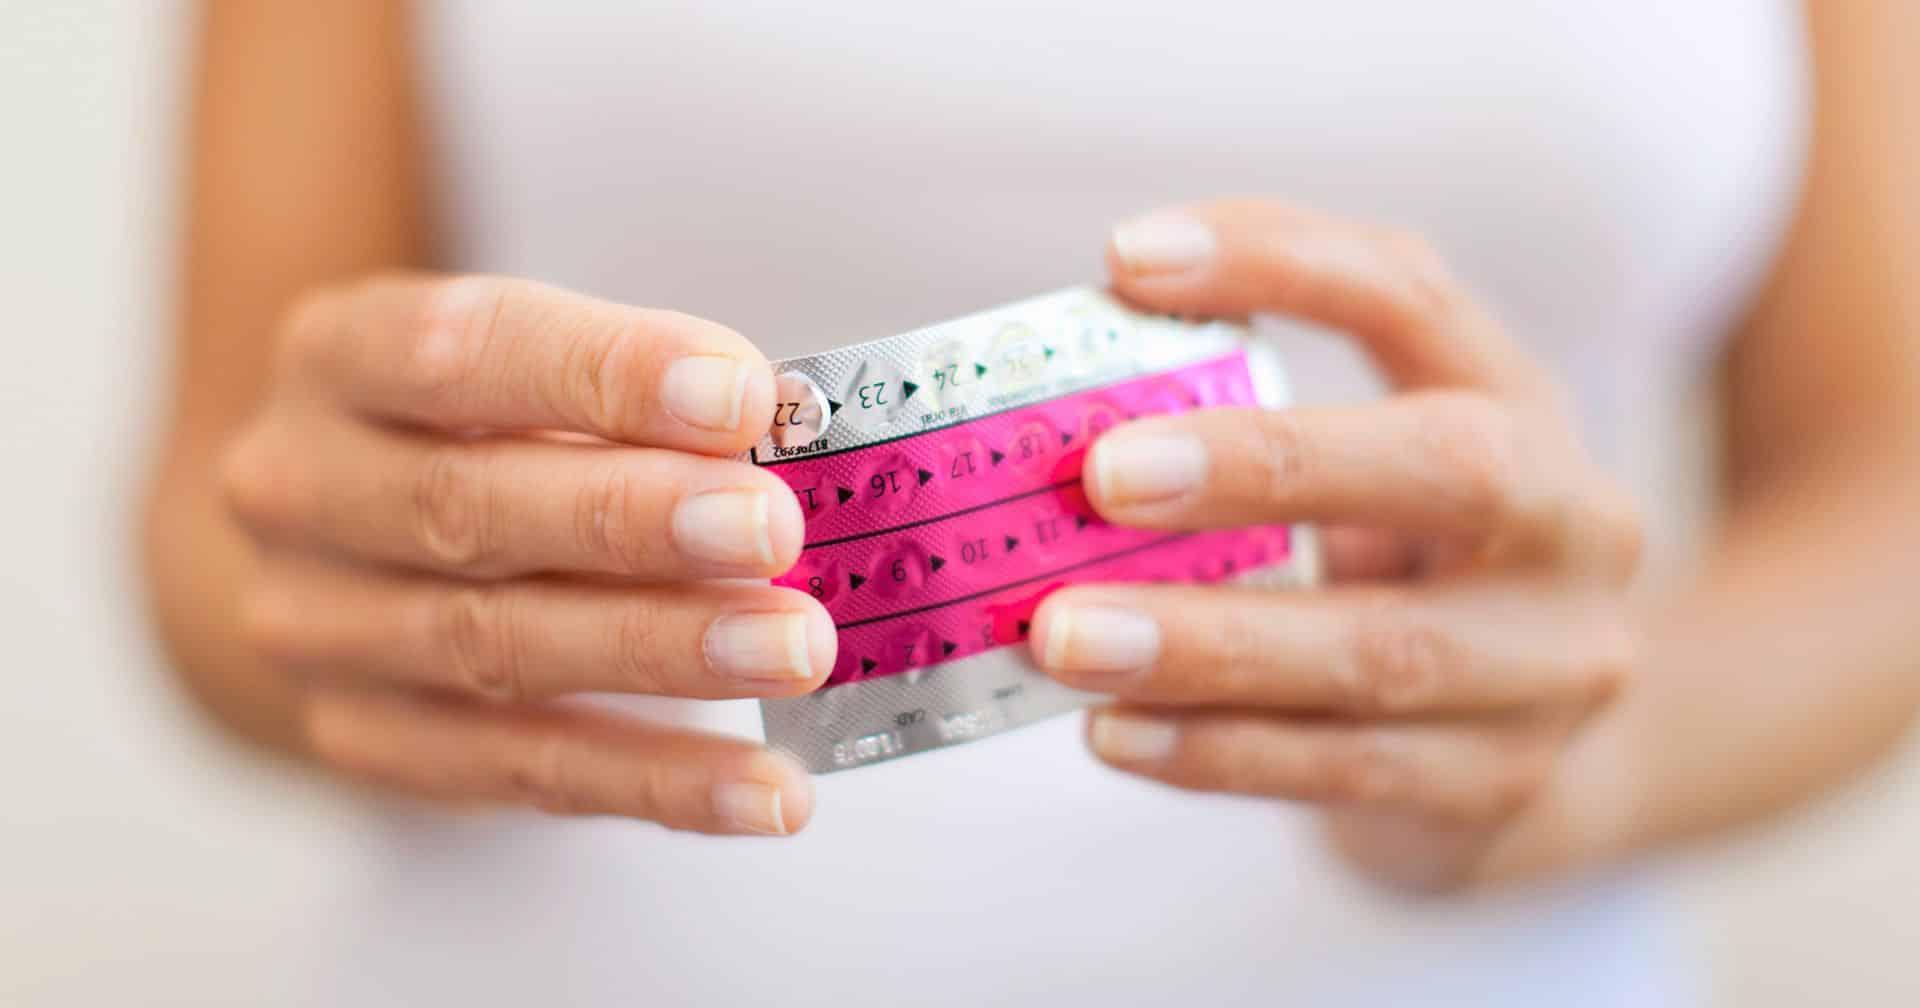 Menstruação irregular: Causas